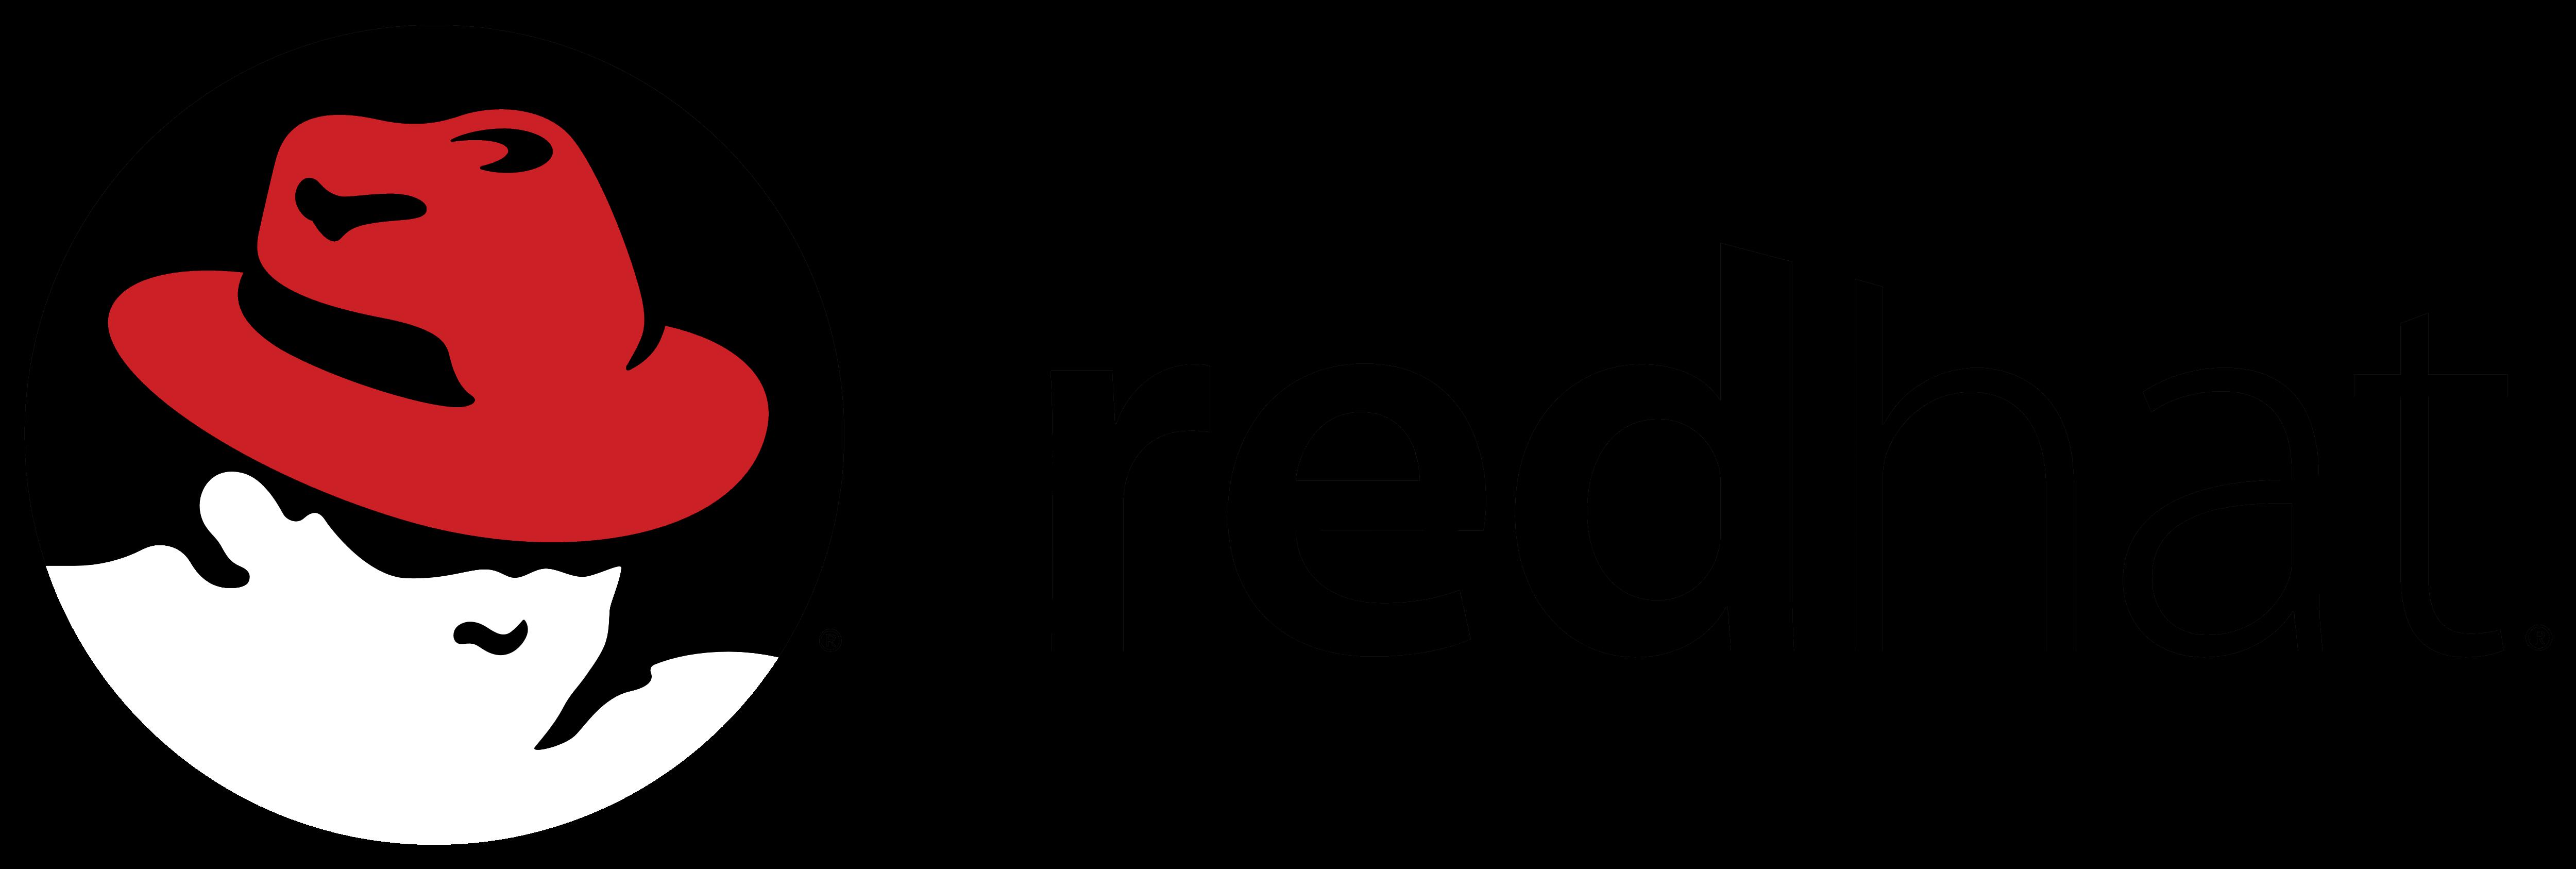 Image Result For Redhat Logo Enterprise Application Red Hat Enterprise Linux Small Business Software